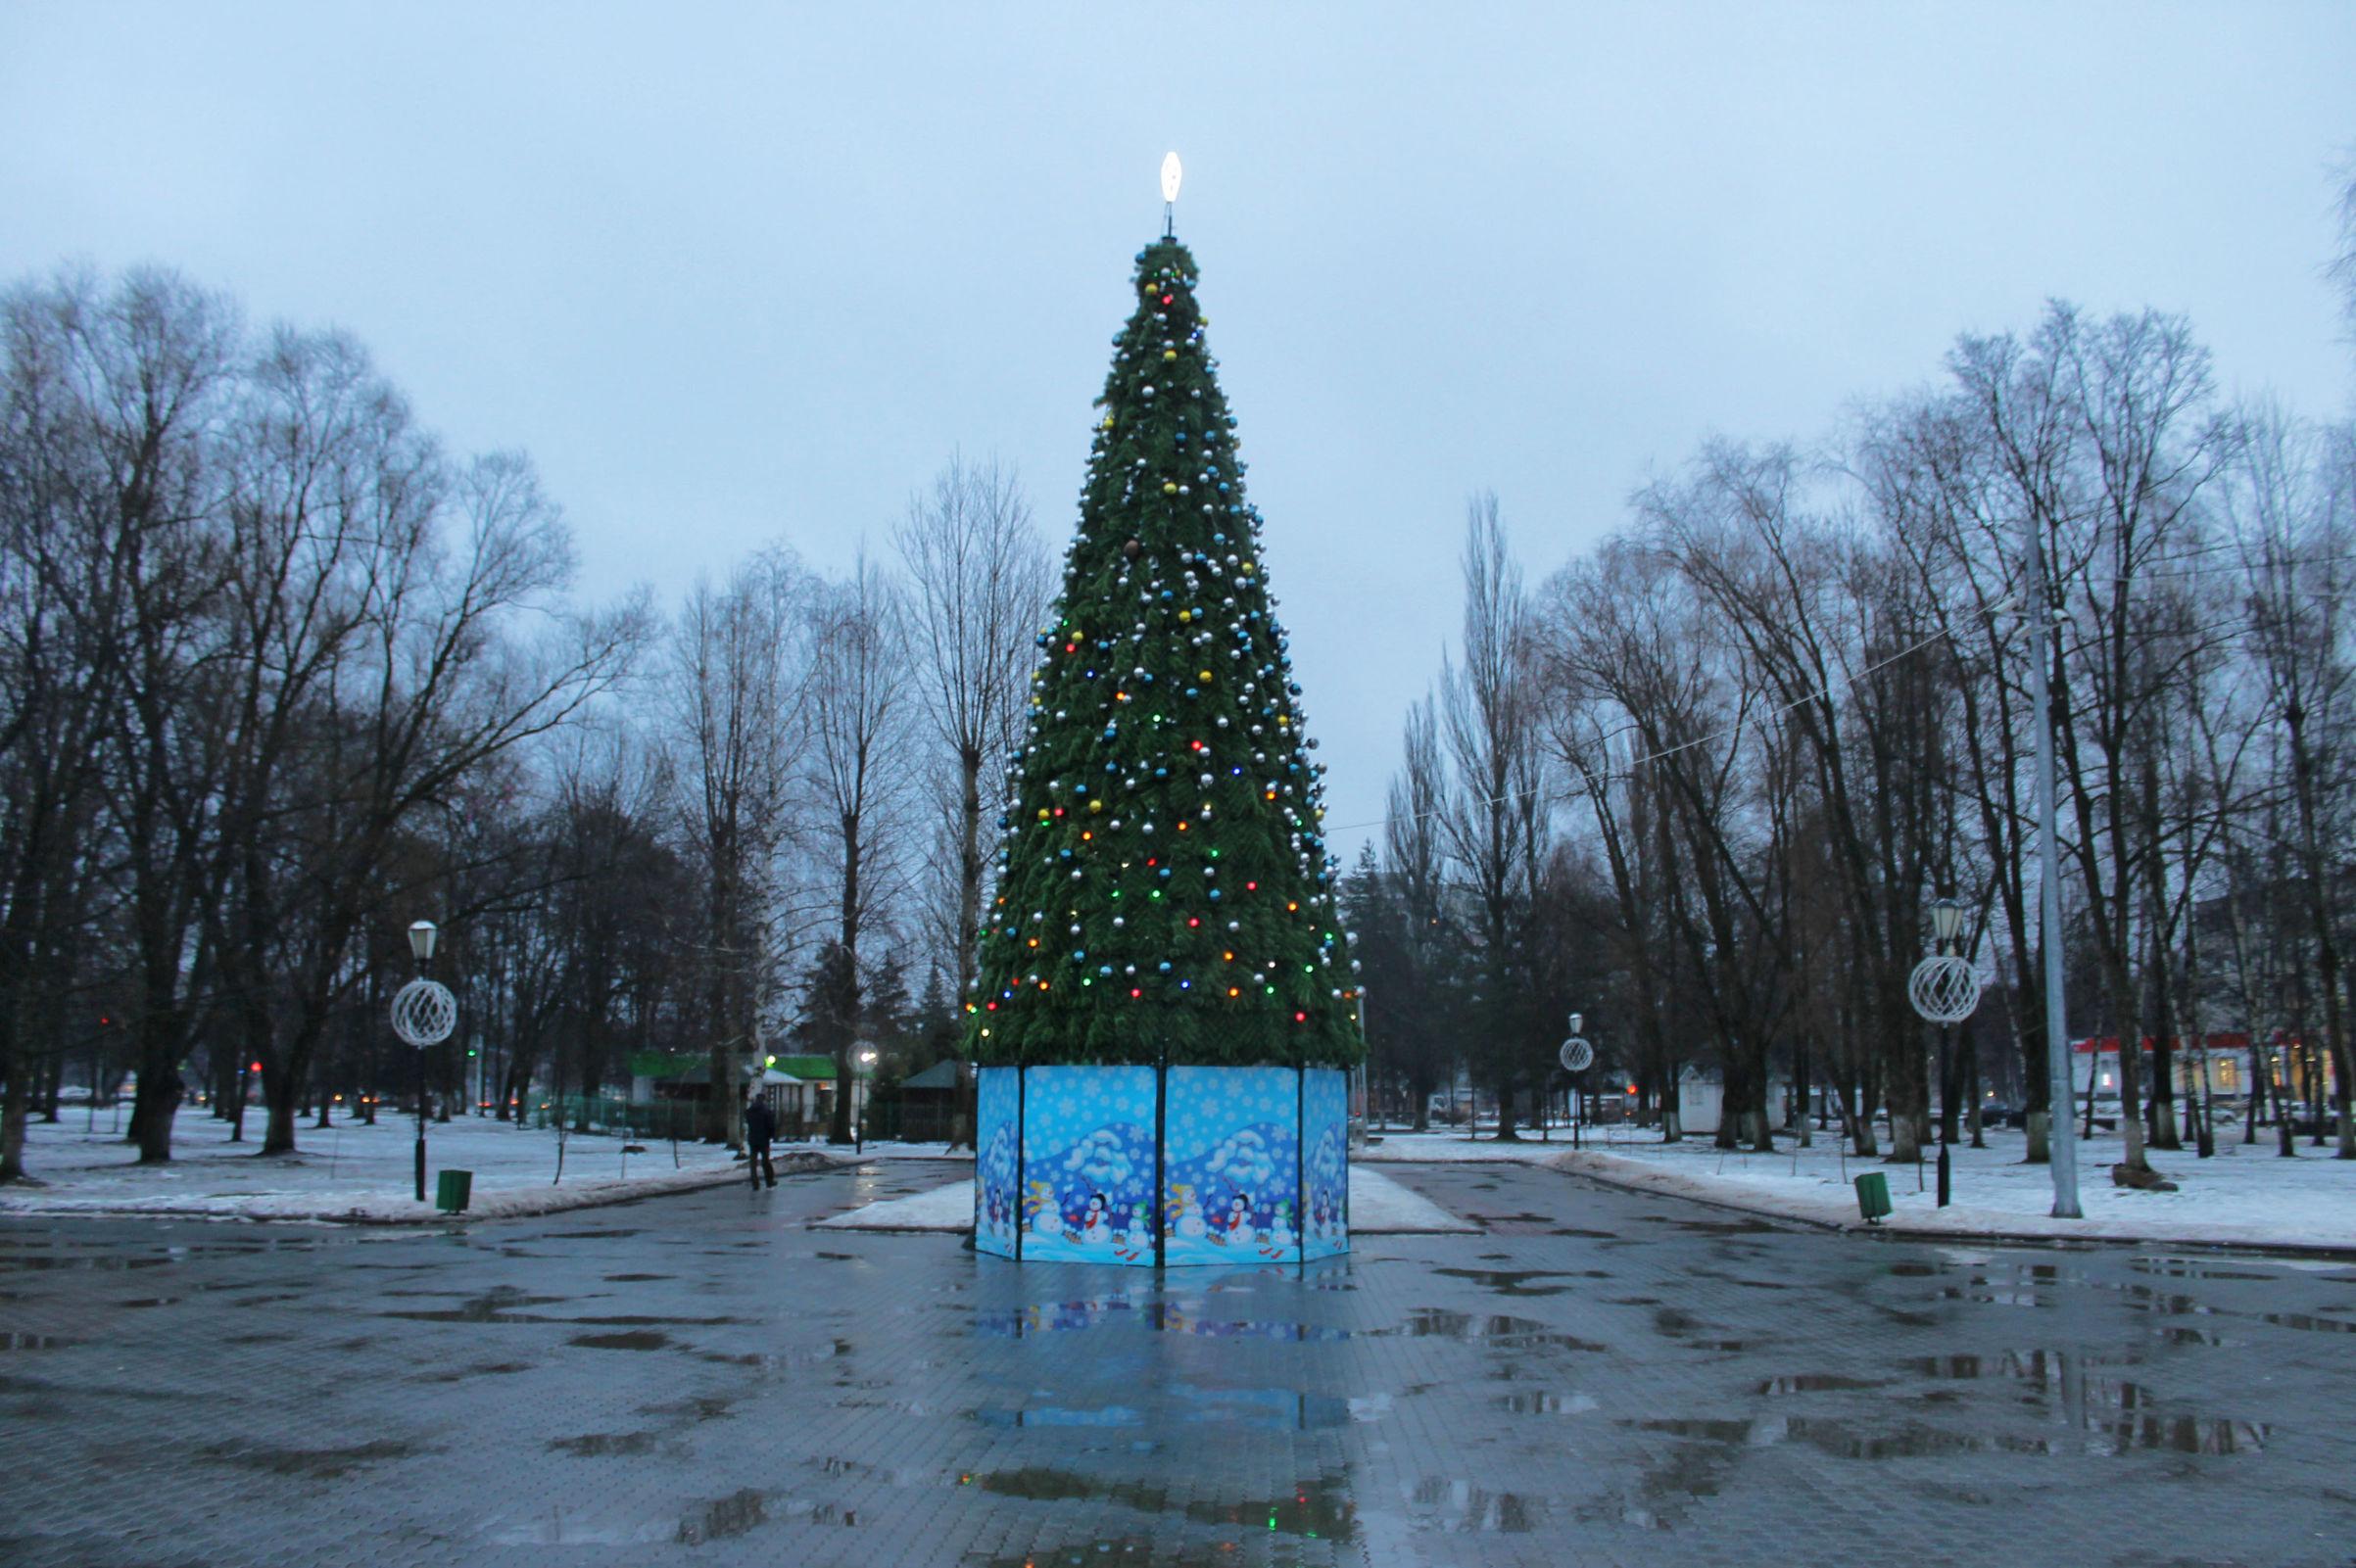 Циклон «Белла» может принести в Ярославль дожди и ледяные дожди в Новый год